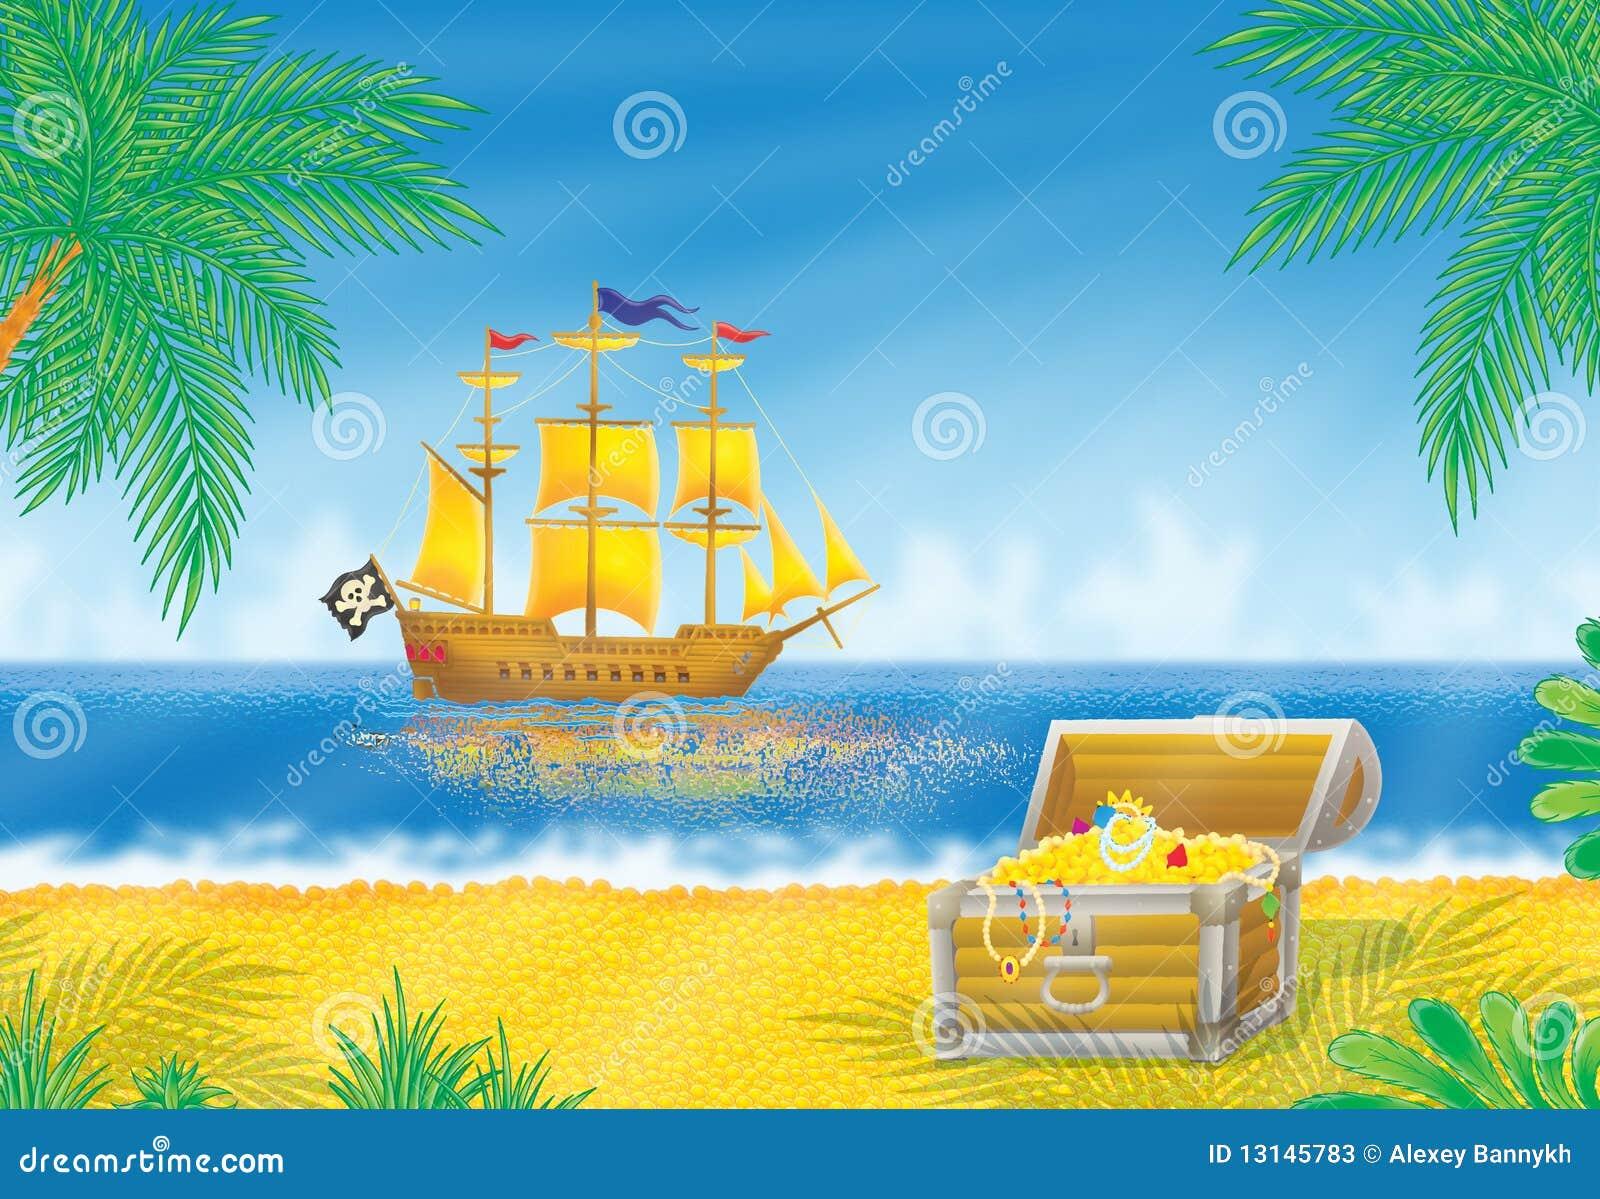 pirate ship and treasure chest stock photos image 13145783 treasure box clip art for valentines Treasure Clip Art